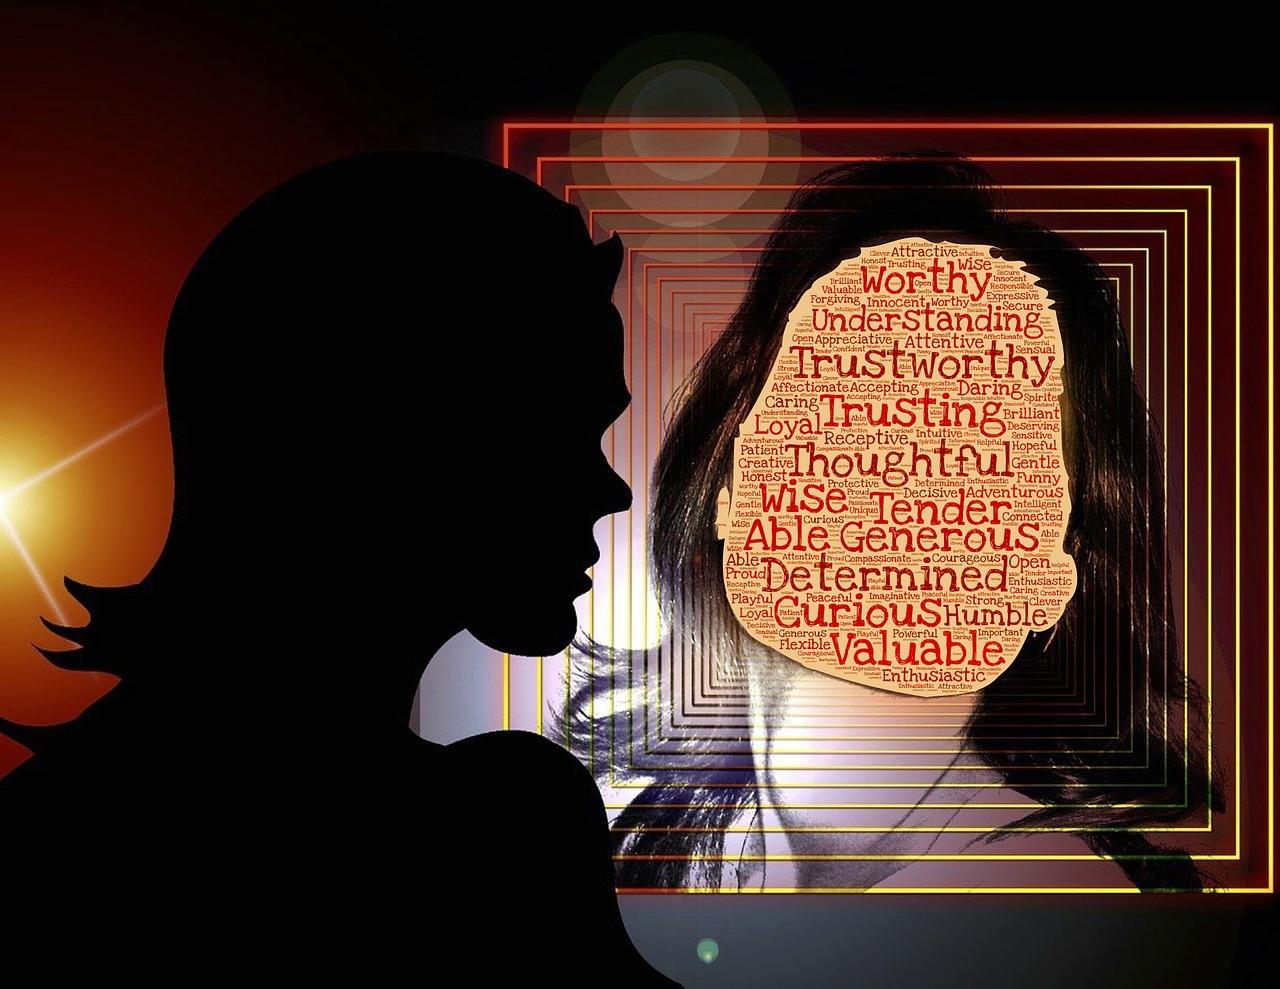 La psicologia per aiutare se stessi scopri come aumentare la tua autostima